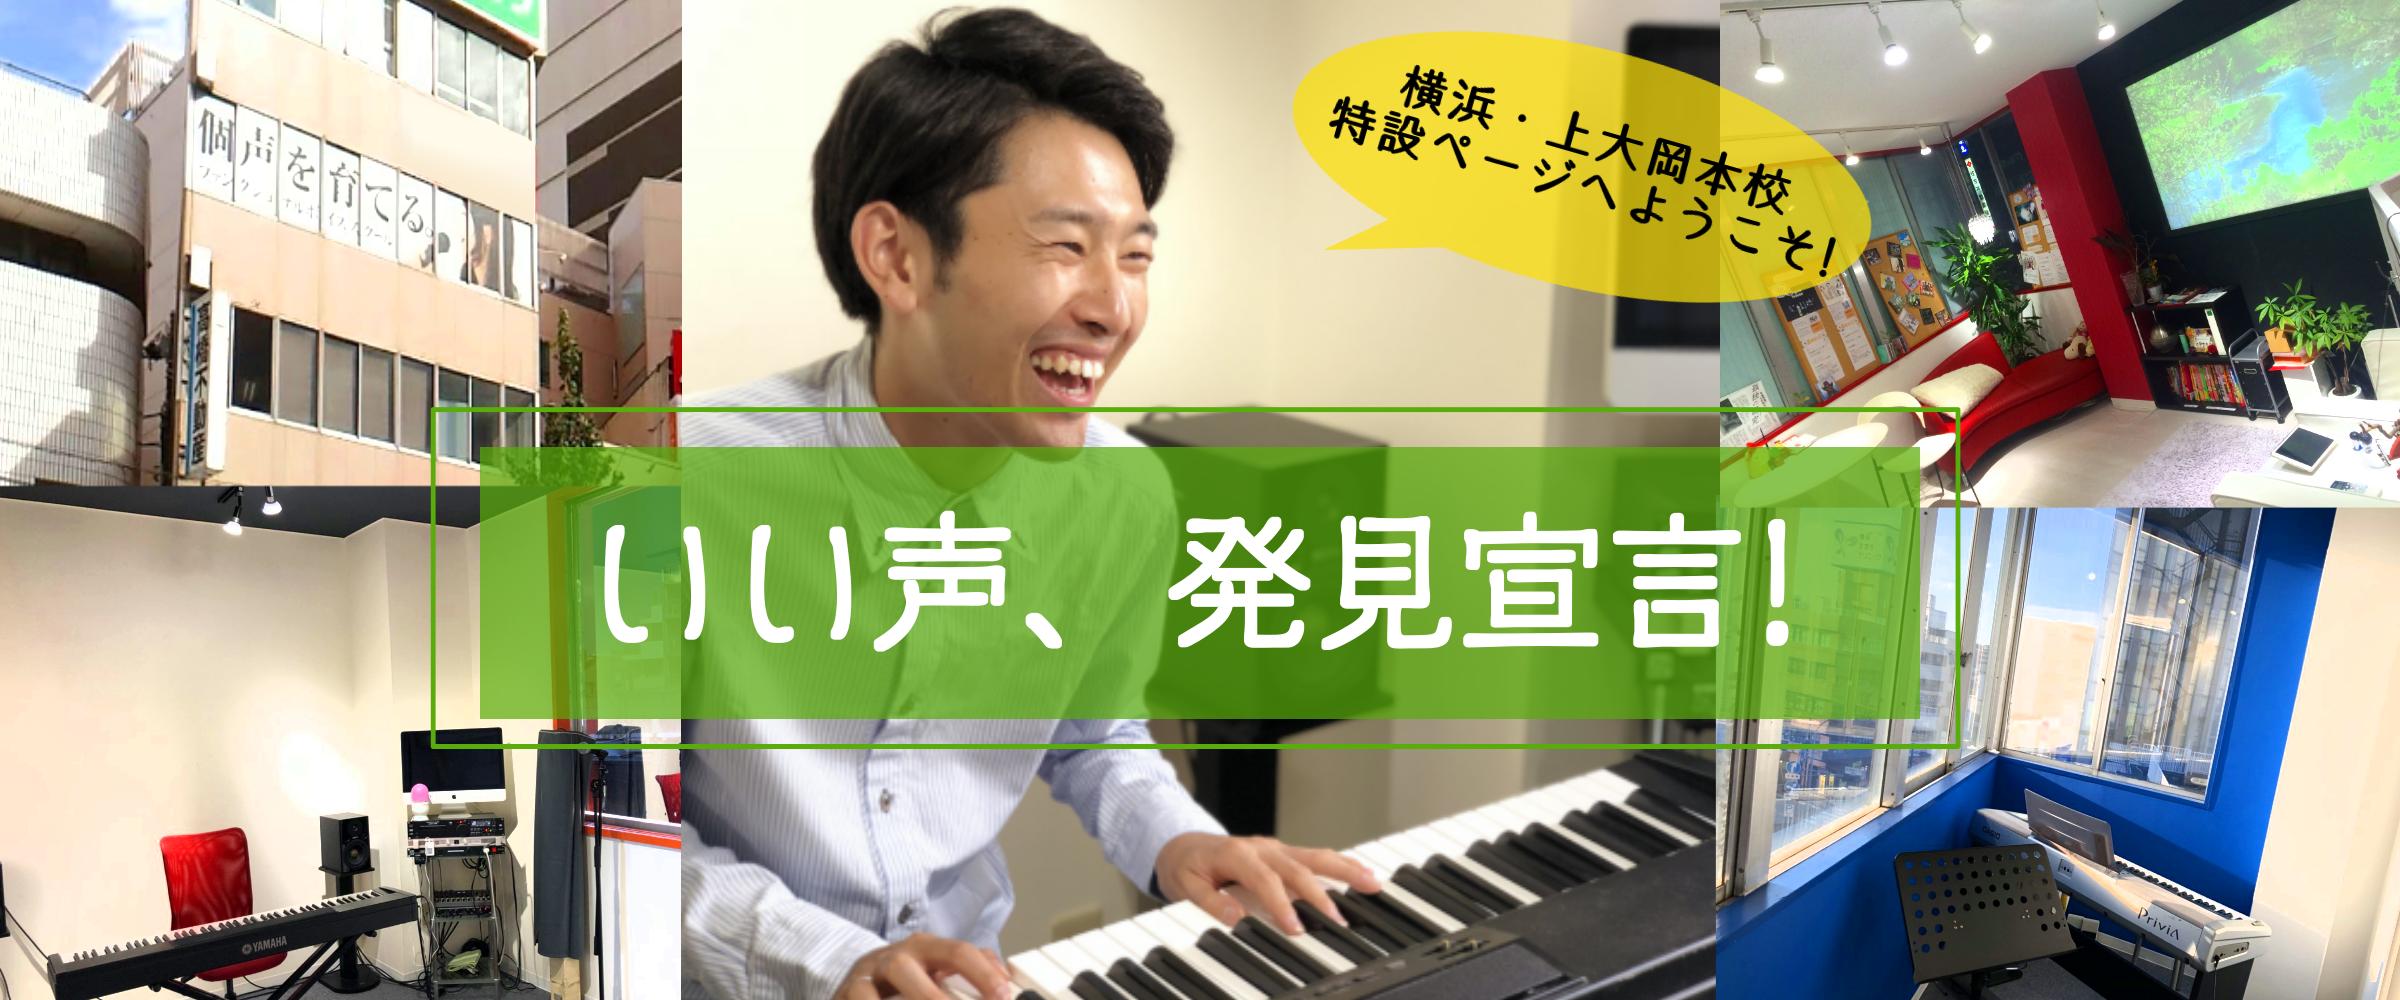 歌と声の学校横浜校